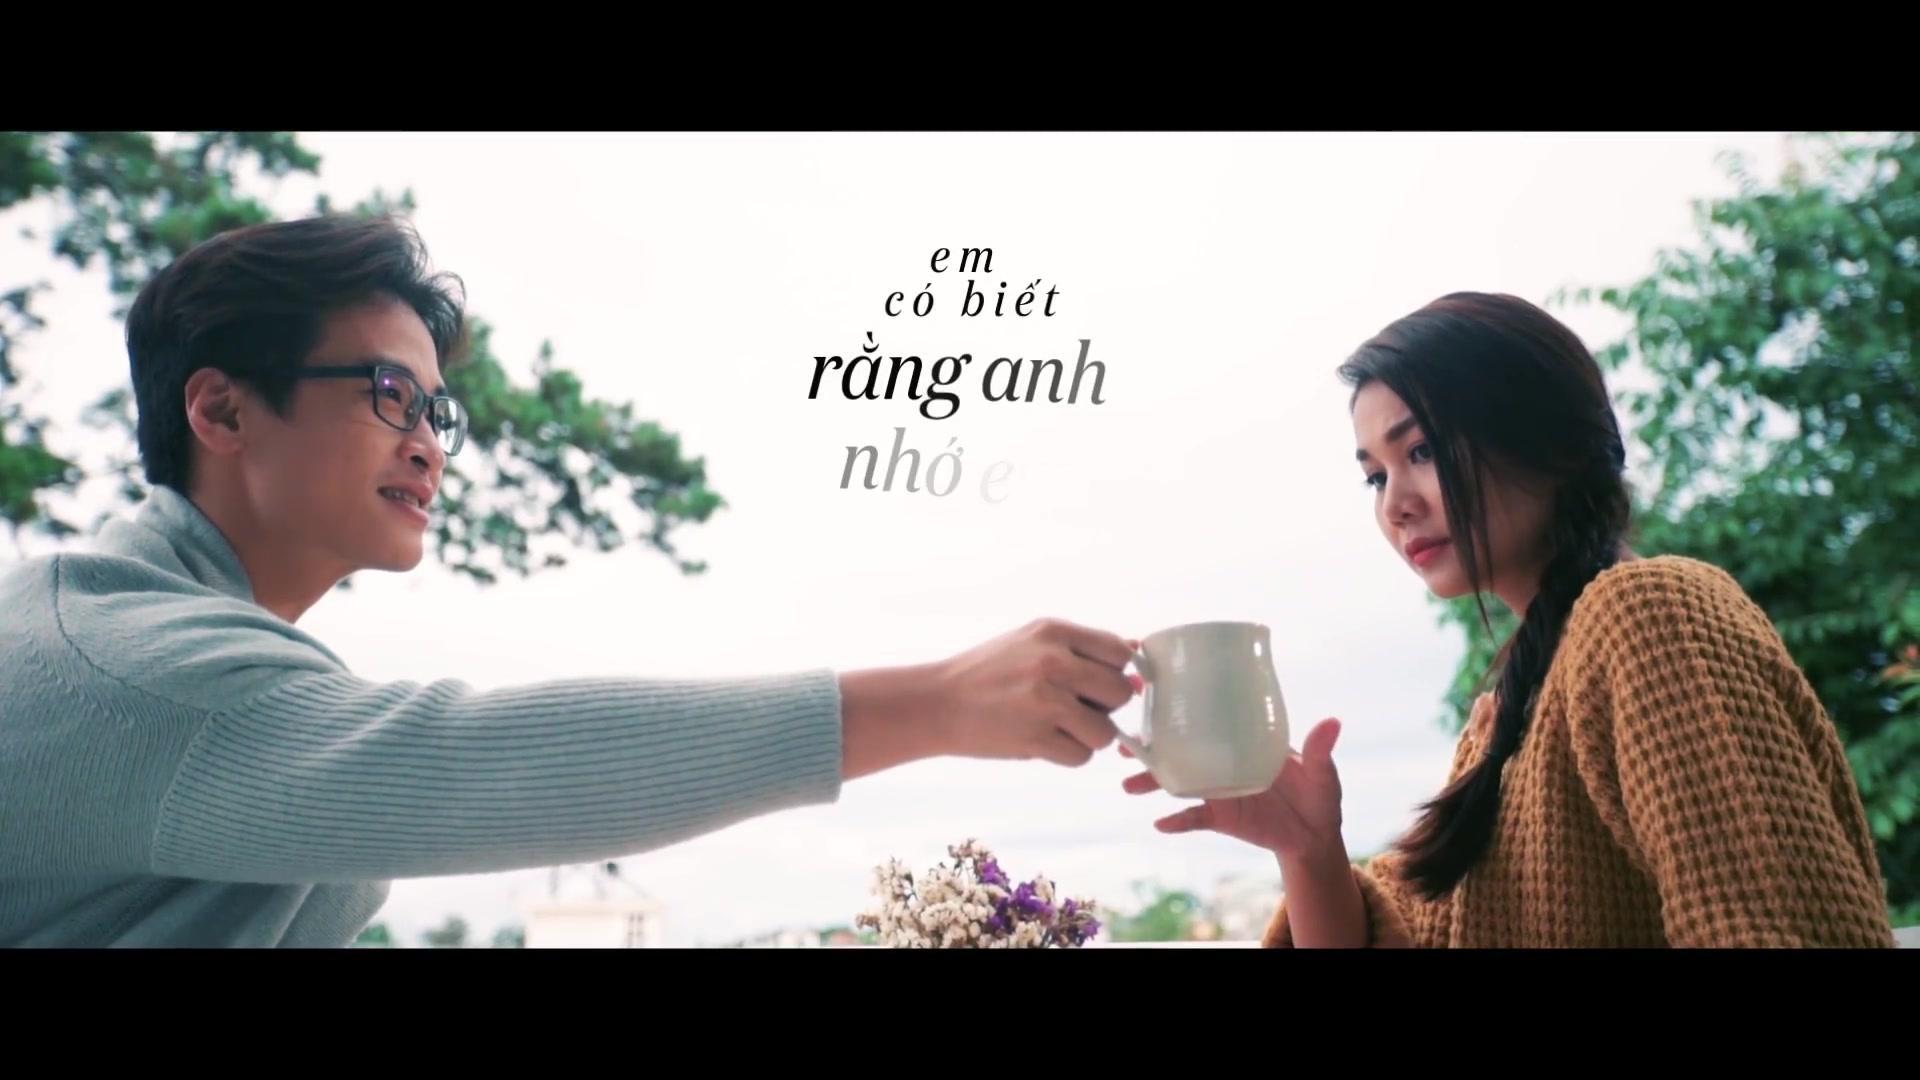 Không công khai người yêu, Hà Anh Tuấn lặng lẽ cầu hôn Thanh Hằng trong MV mới?-3